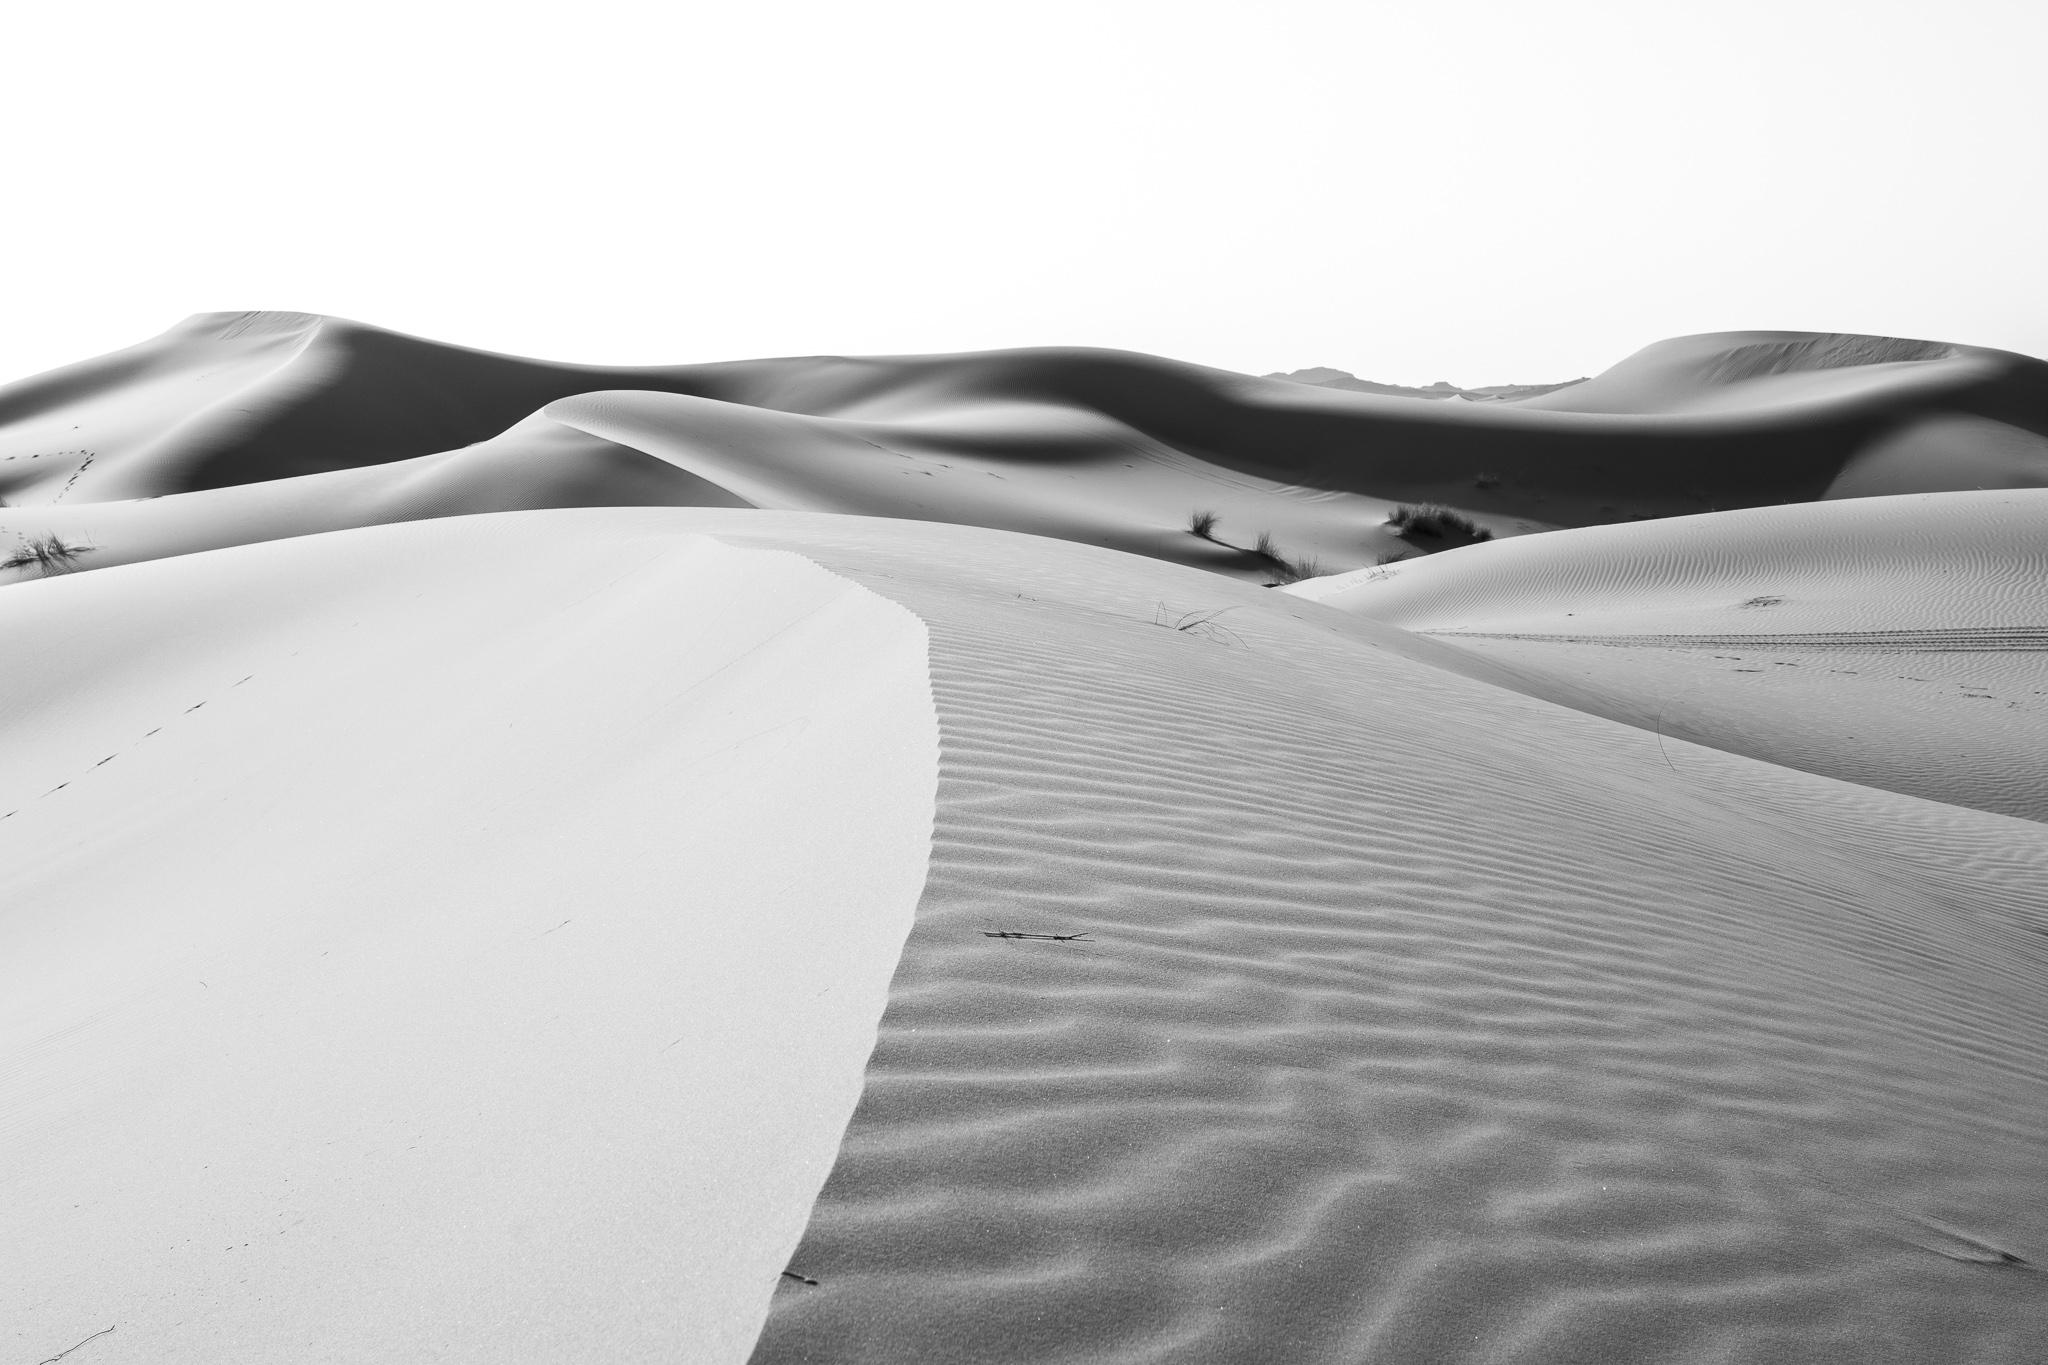 Próximo á cidade de Erfoud, ao sueste de Marrocos e próximo á fronteira con Alxeria, atópase o chamado Erg Chebbi. <br>O conxunto dunar, de 22km de longo e 5 de ancho, esténdese ao longo do Sahara cunha altura de ata 150m nalgúns lugares.